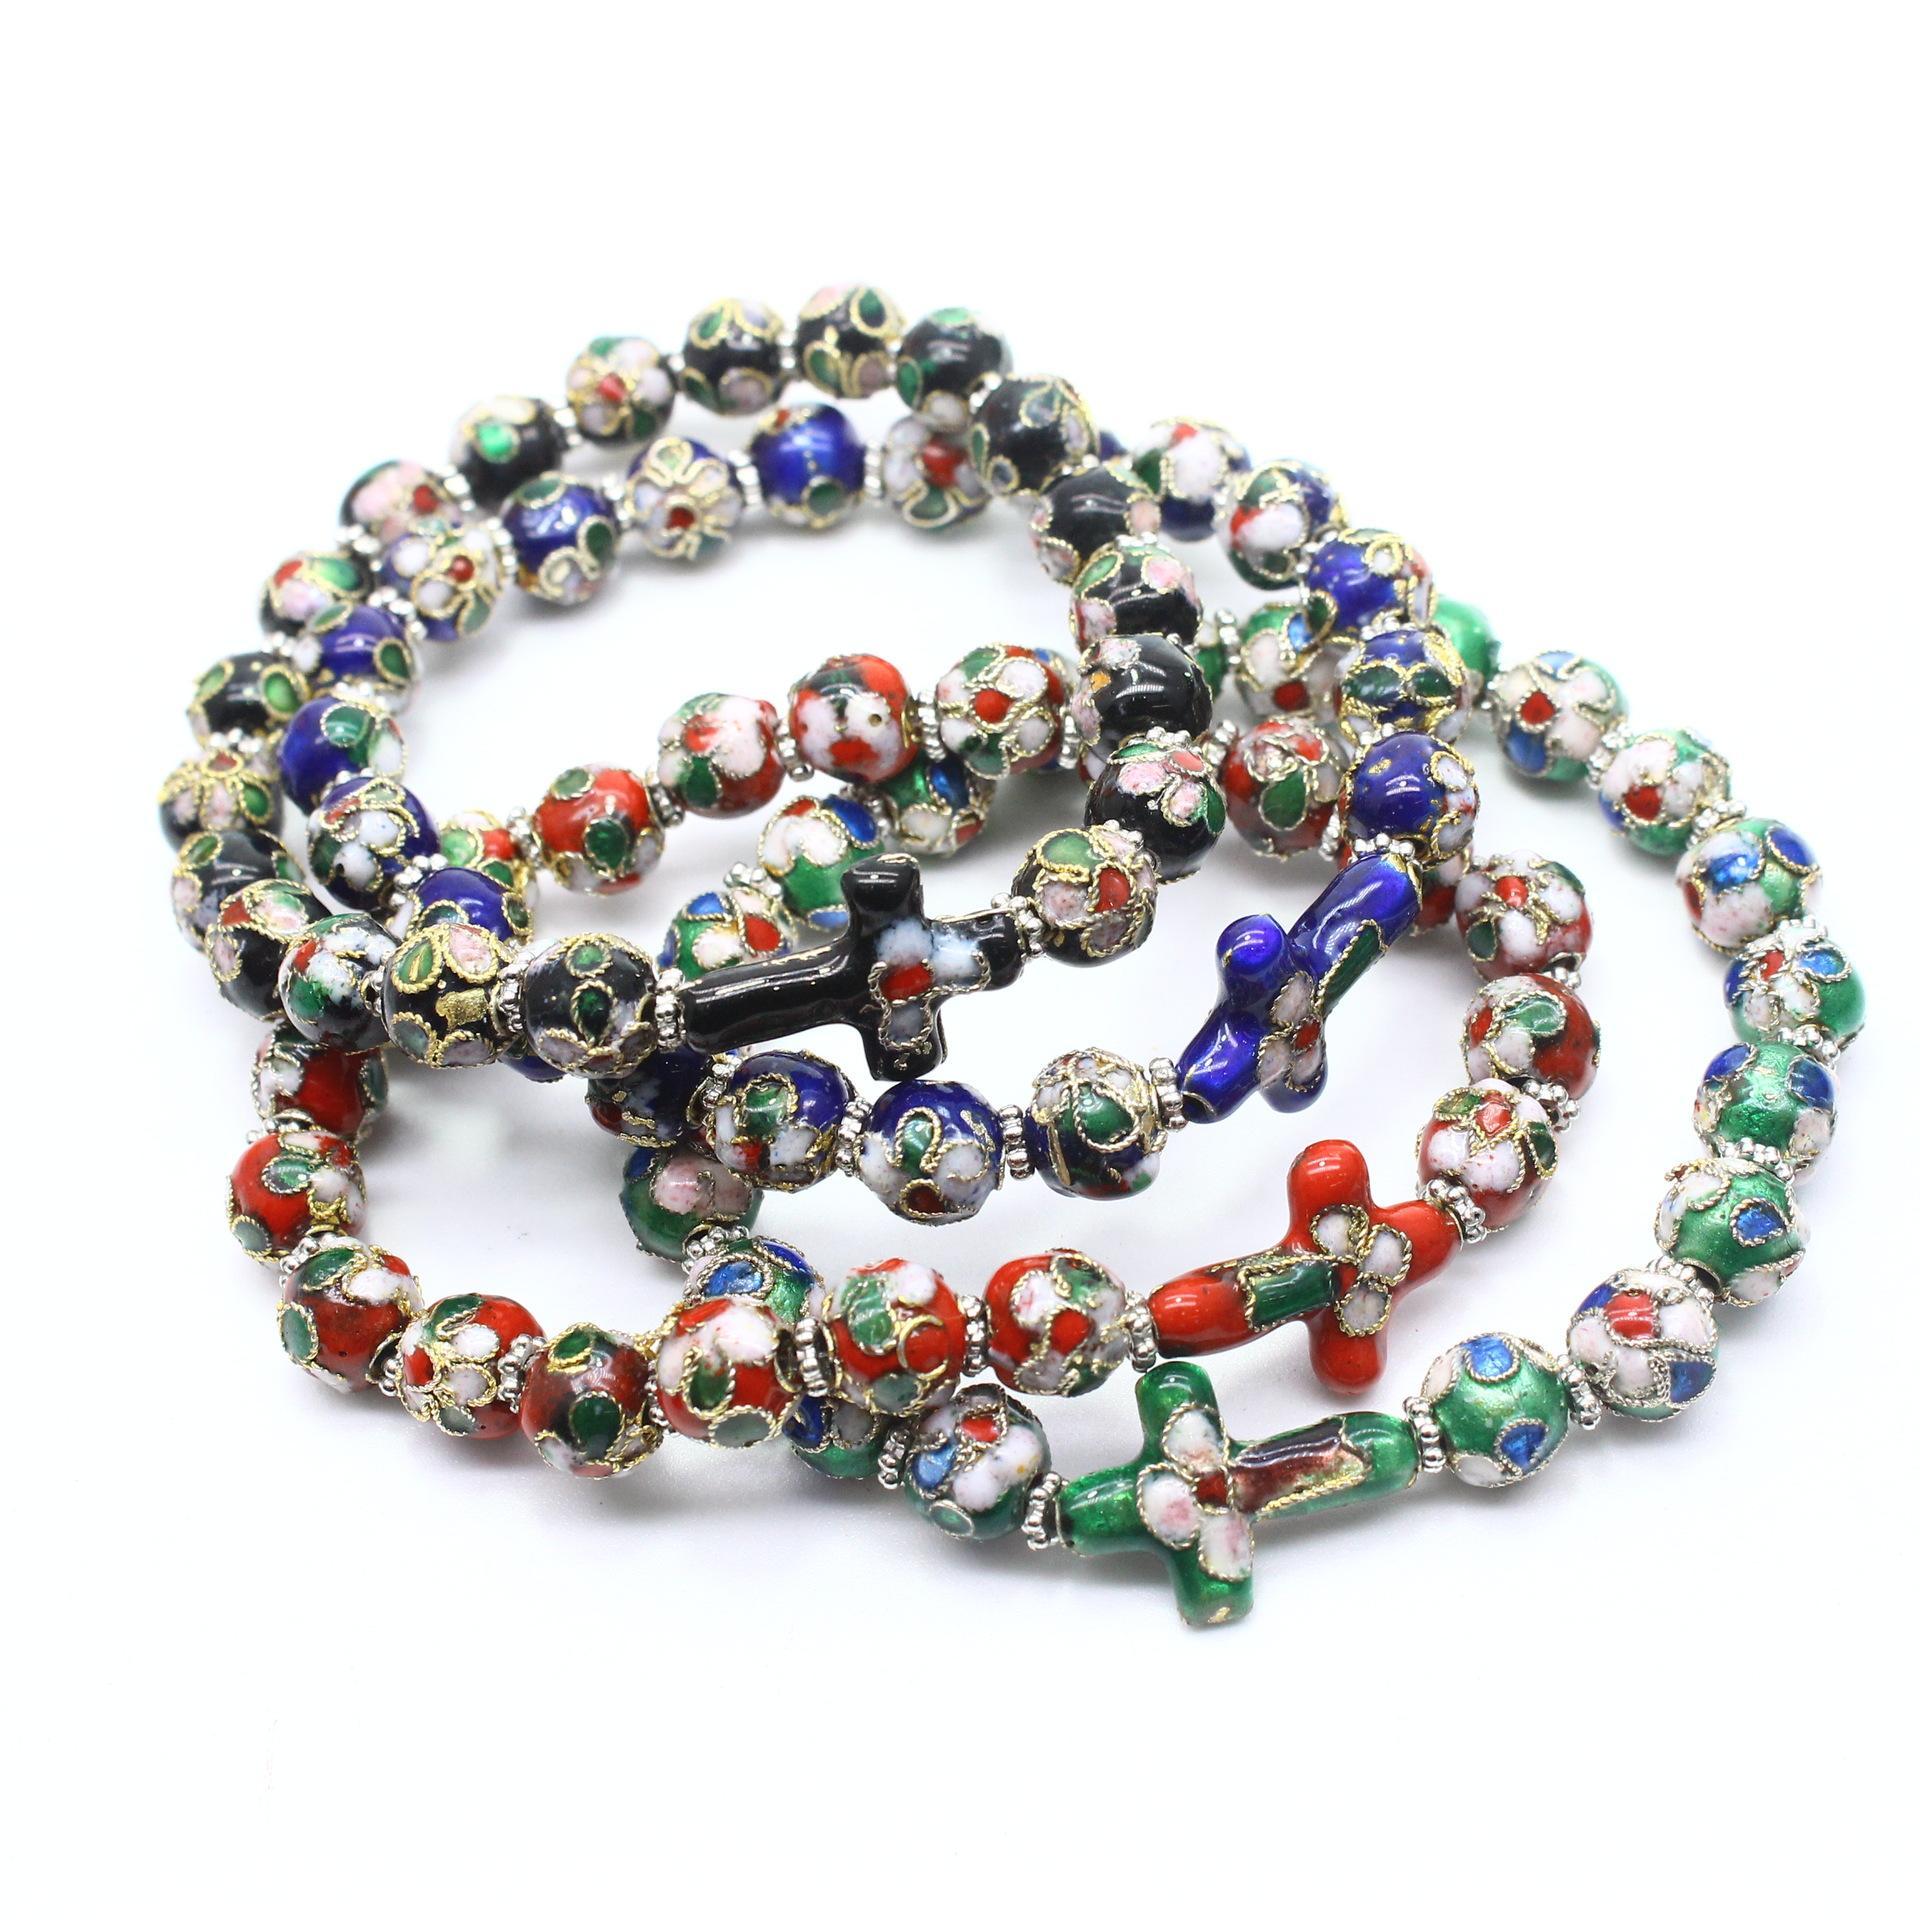 Christian Hand Made Cloisonnées Perles Bracelets de perles élastique corde croix Bracelet Jésus Religion Accessoires de cadeau de Noël